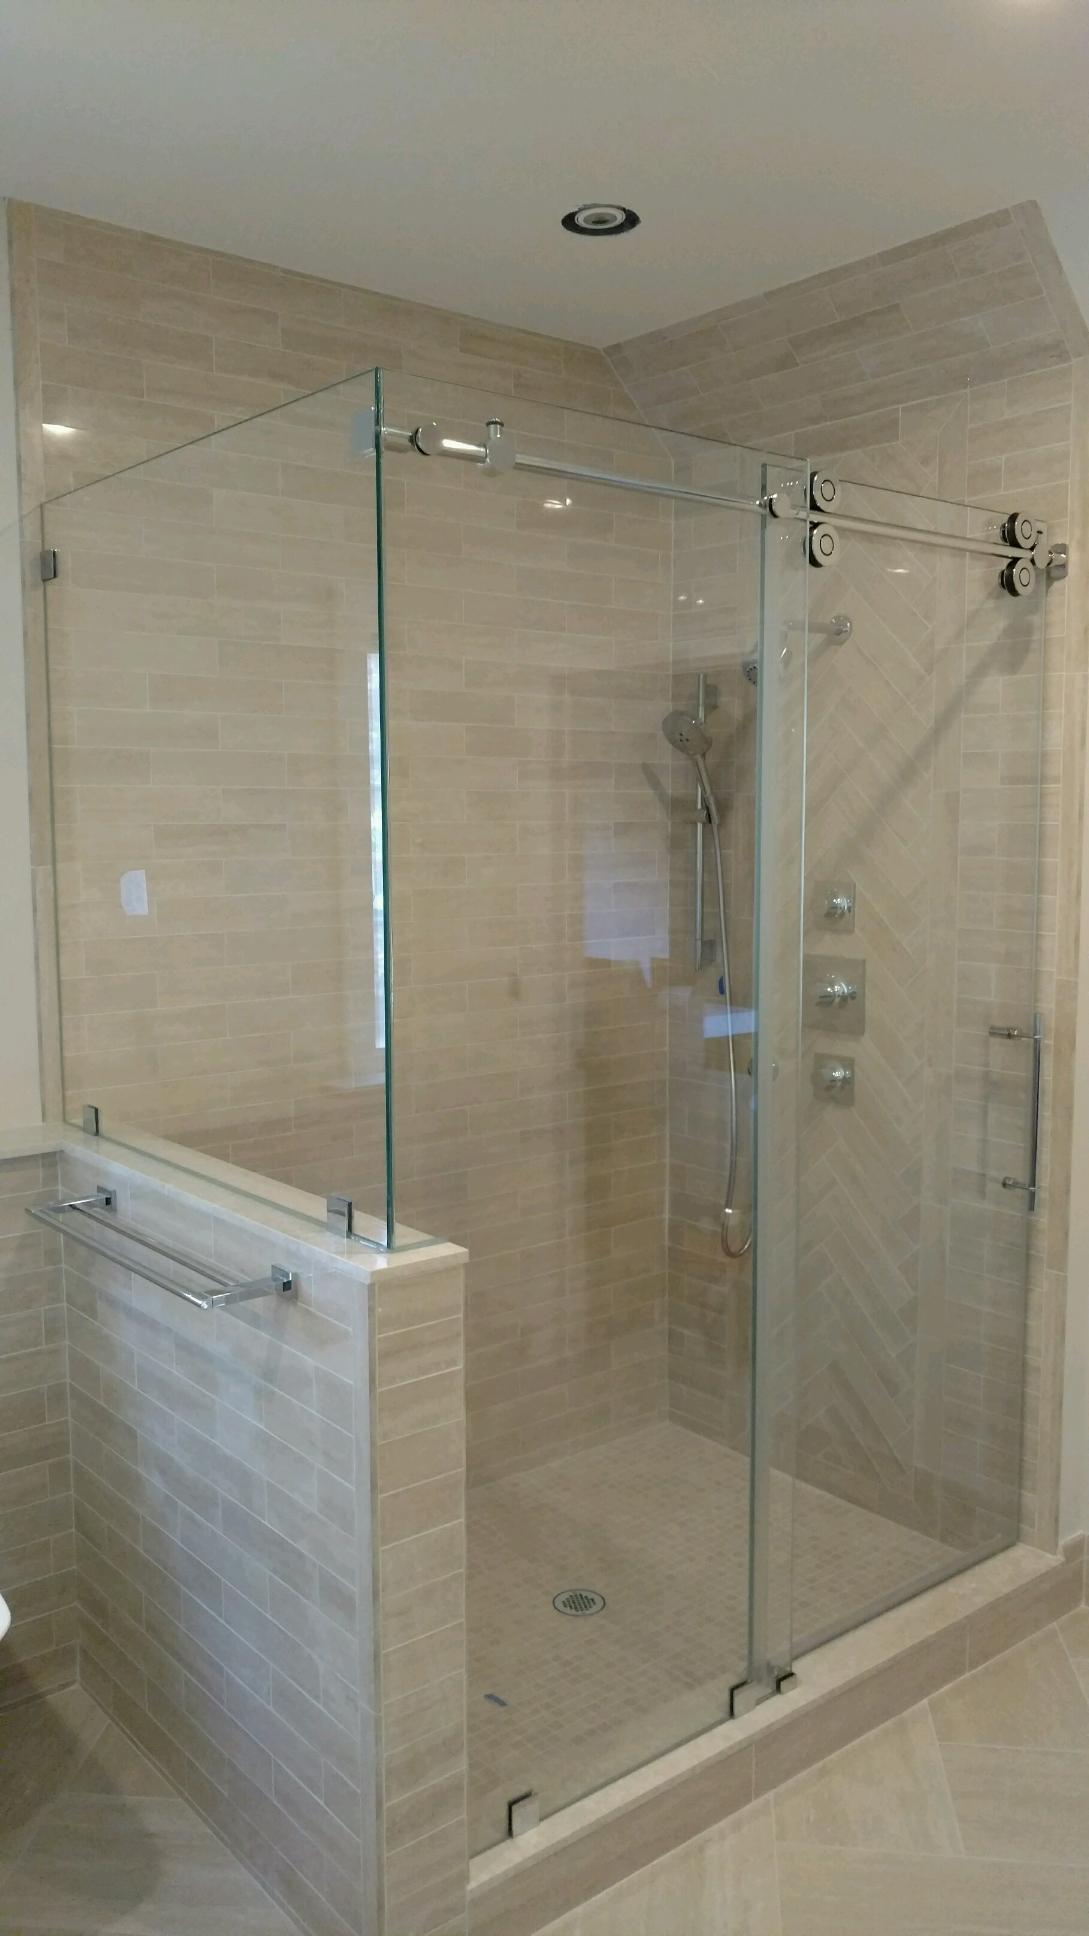 Shower Enclosures Gorkin Glass Co Est 1918 North Plainfield